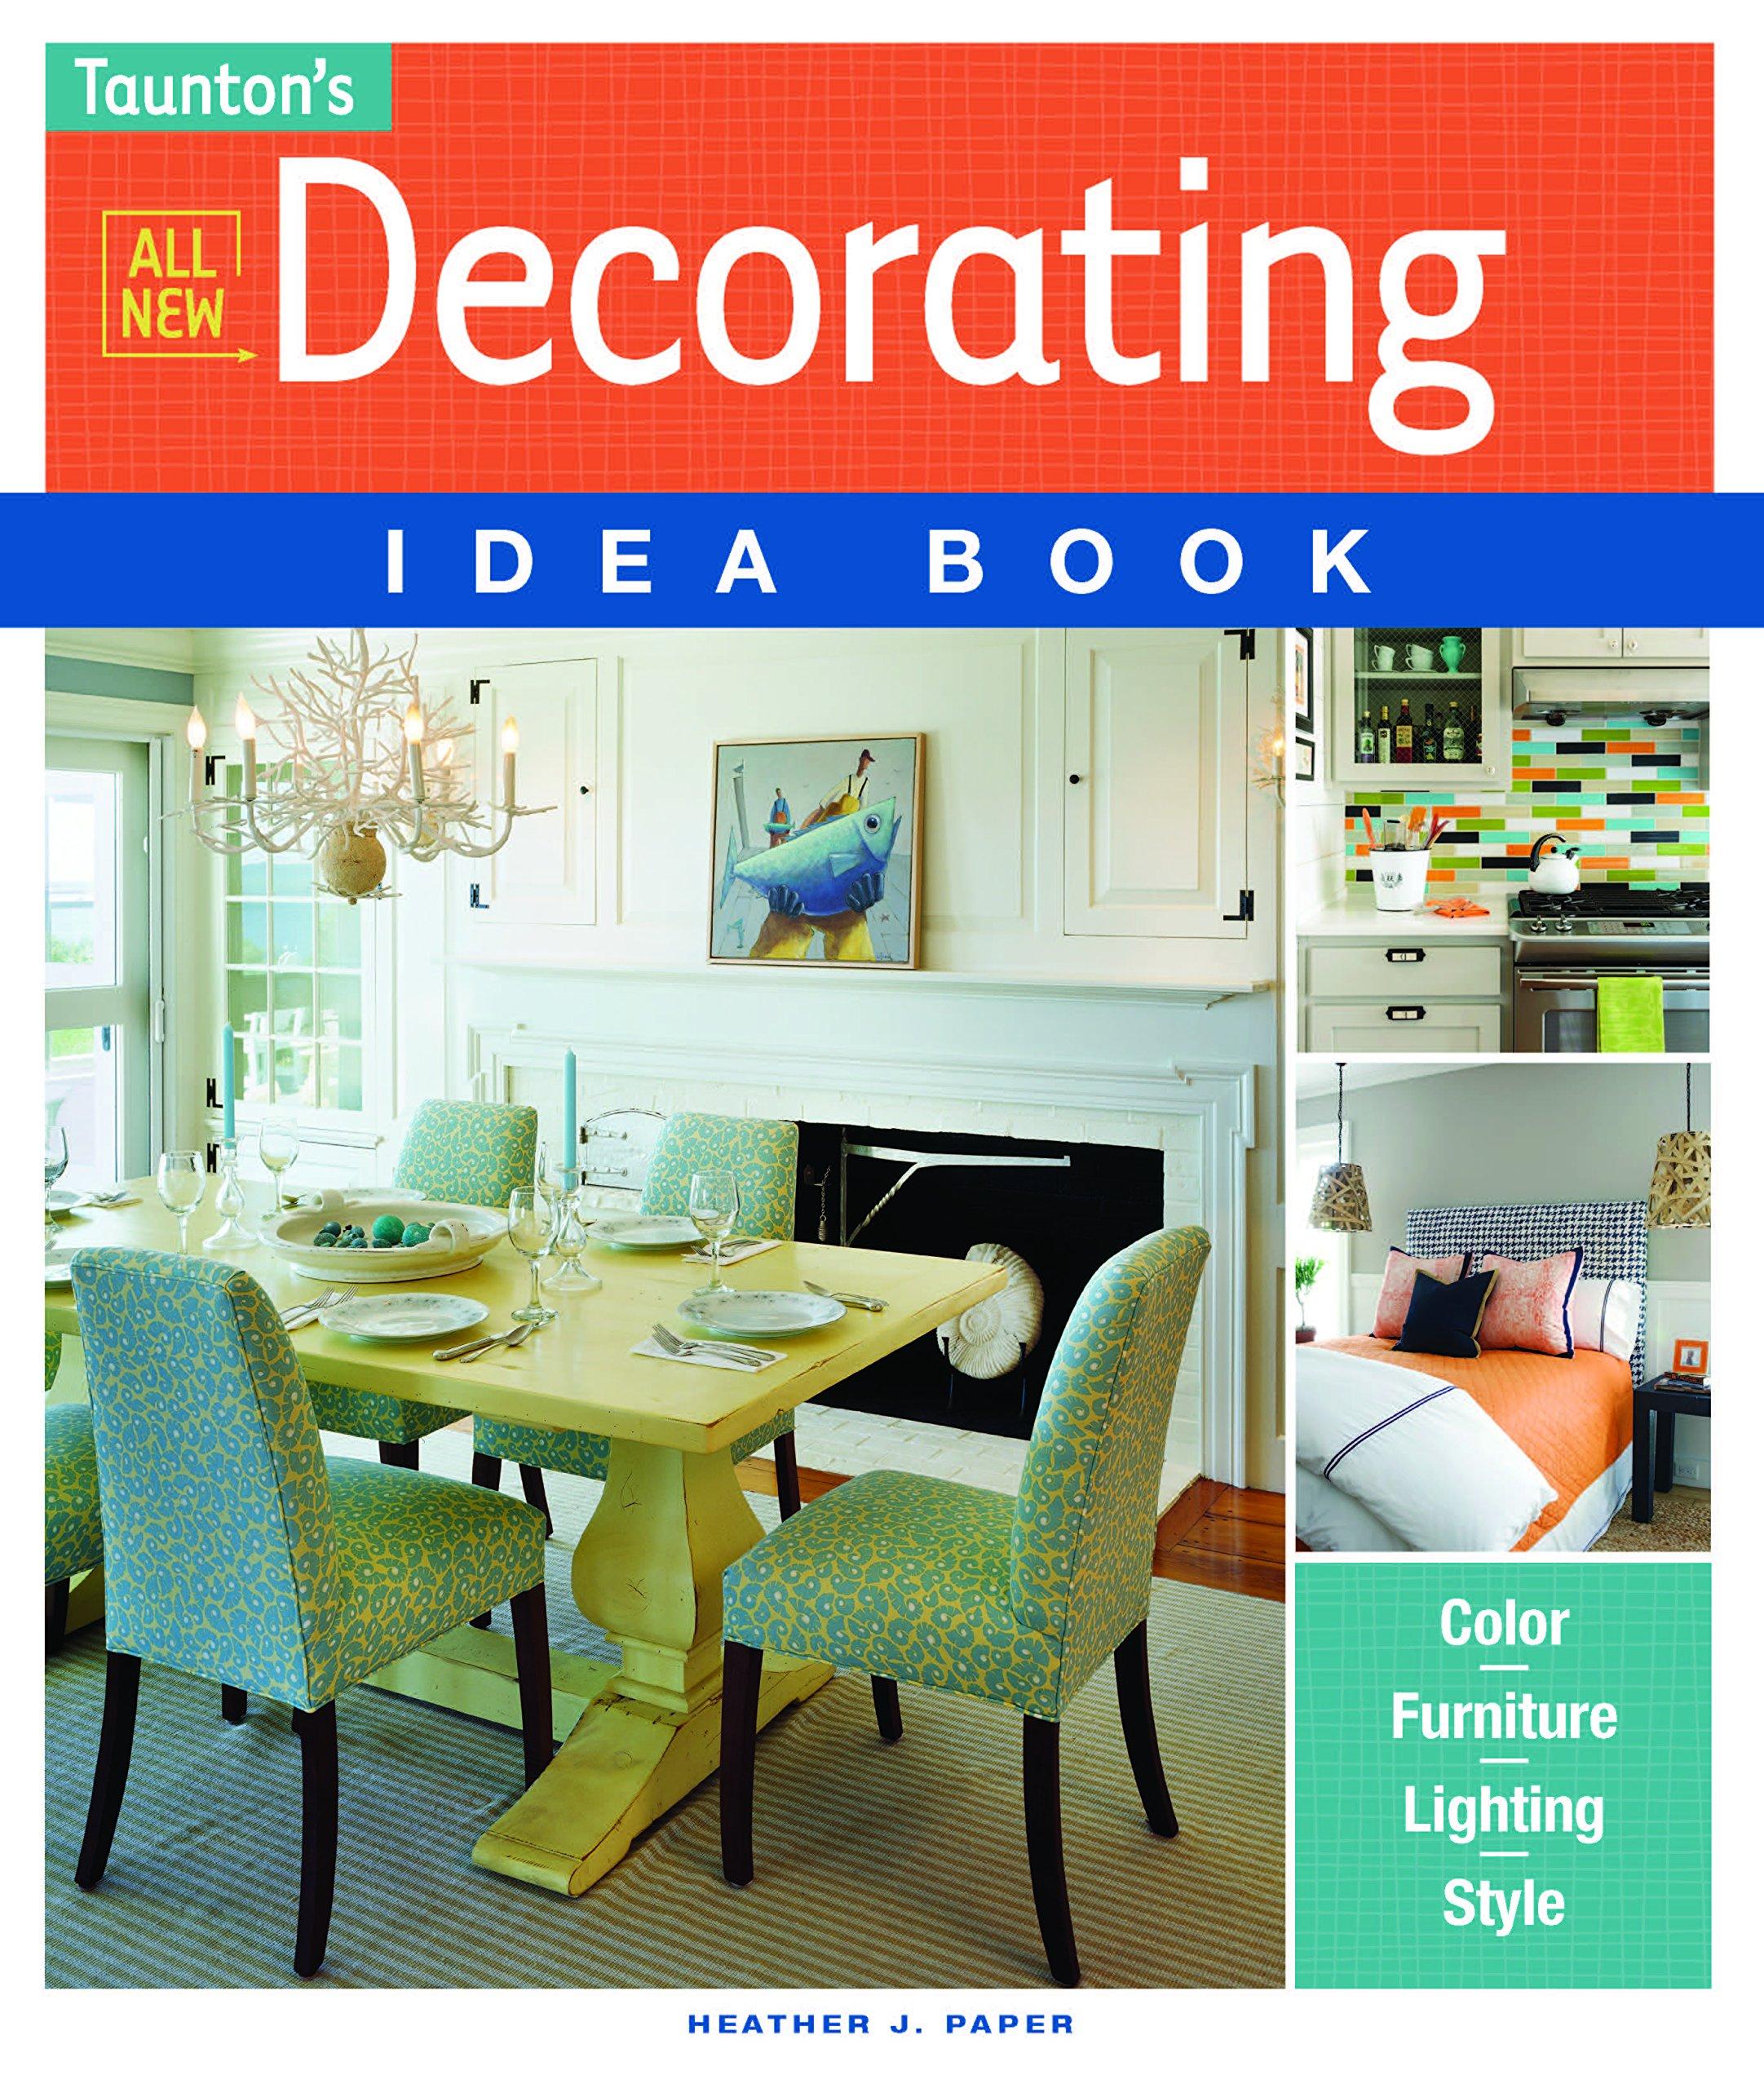 All New Decorating Idea Book (Taunton Idea Book): Heather J. Paper ...